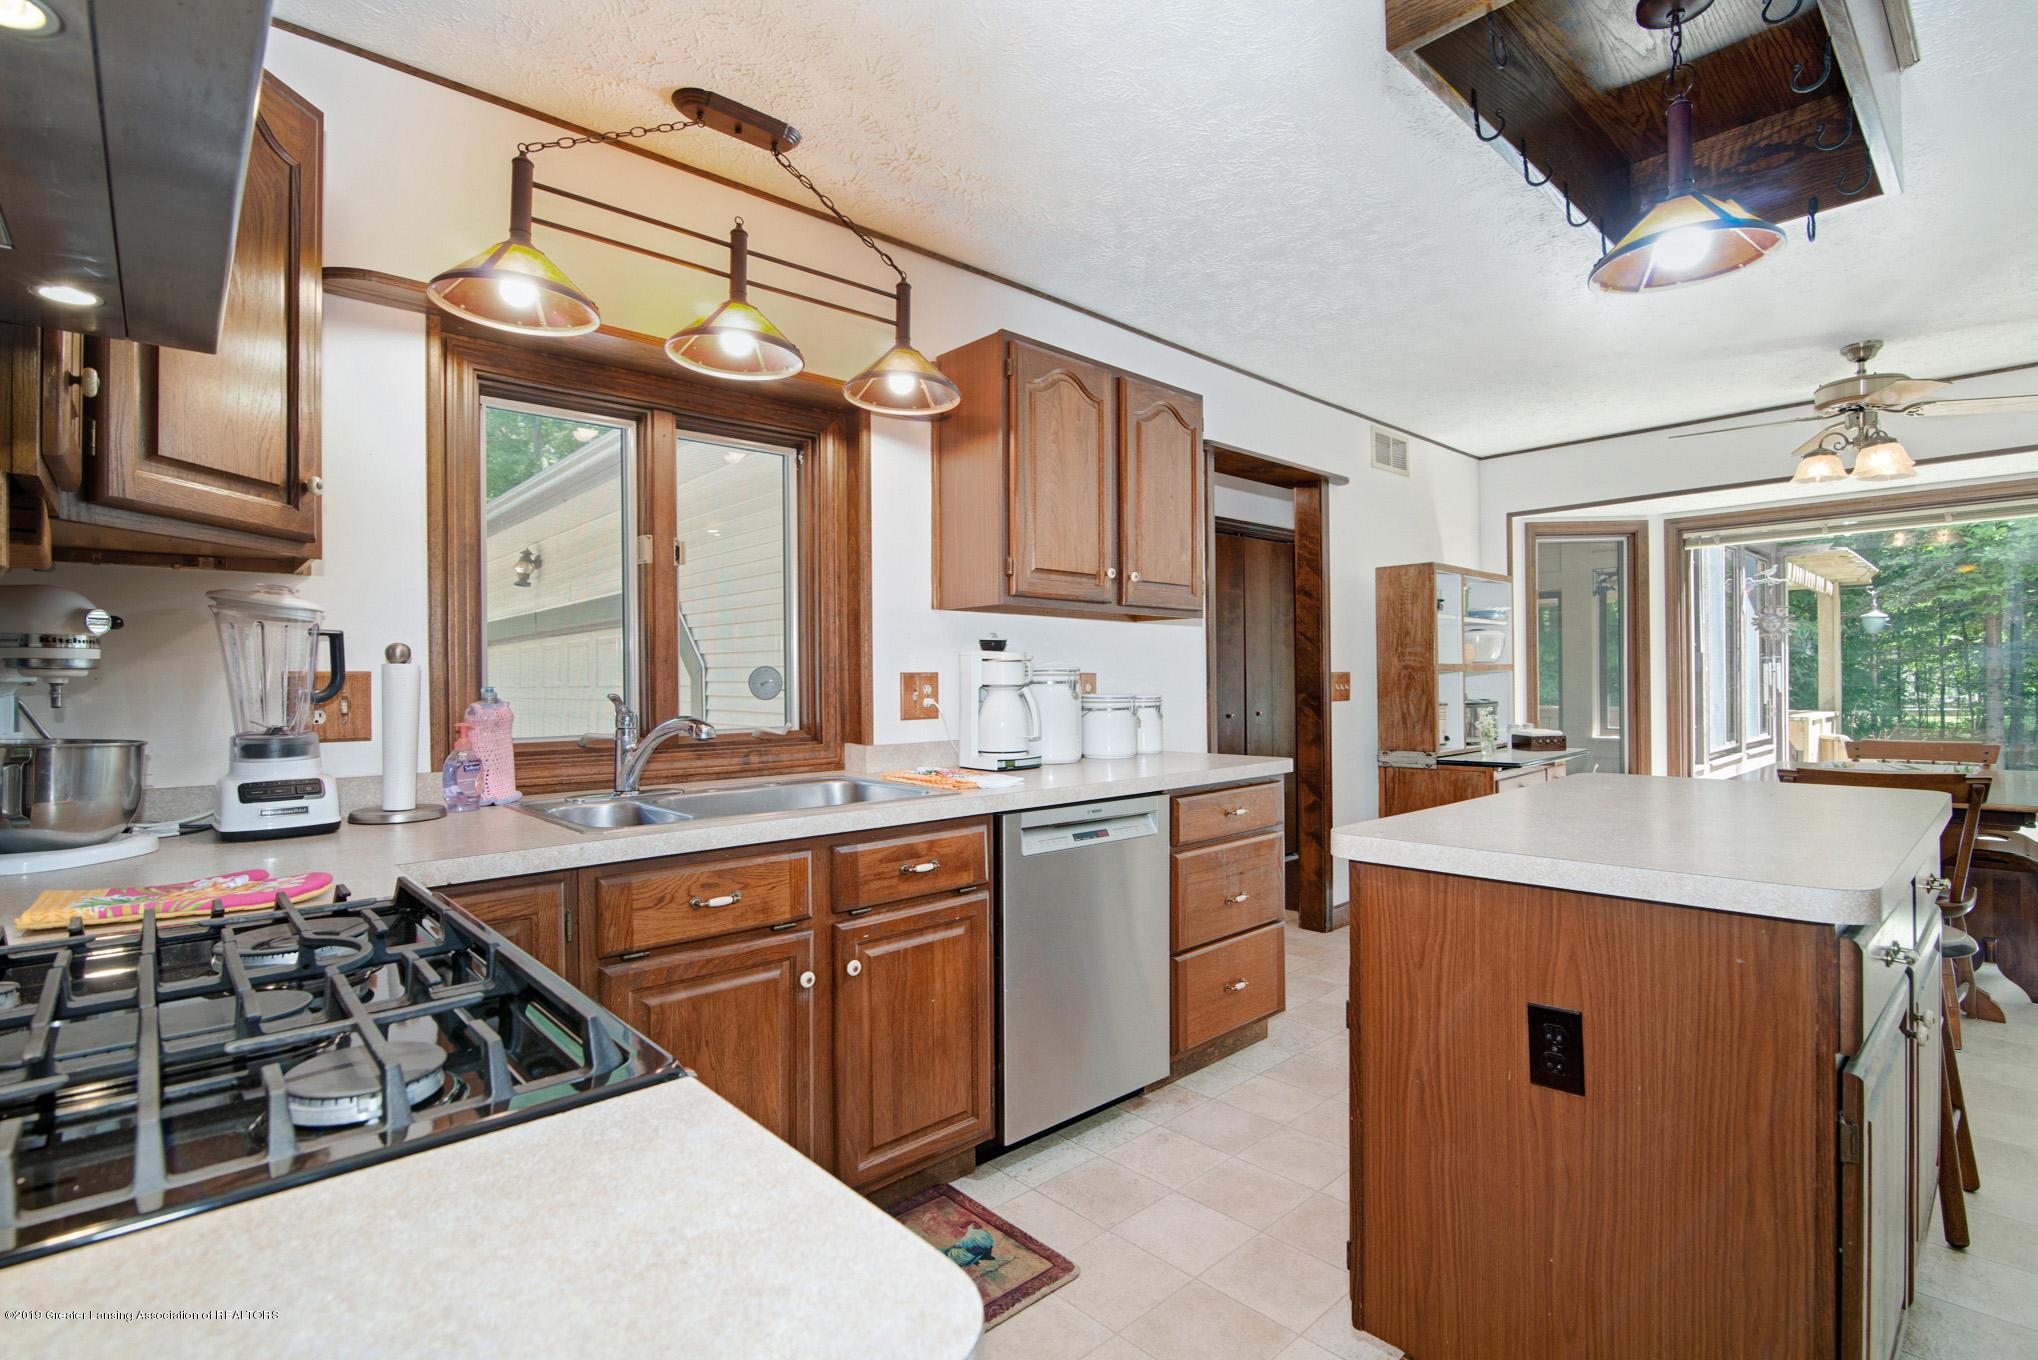 7520 Carmel Ln - Kitchen 1 - 8